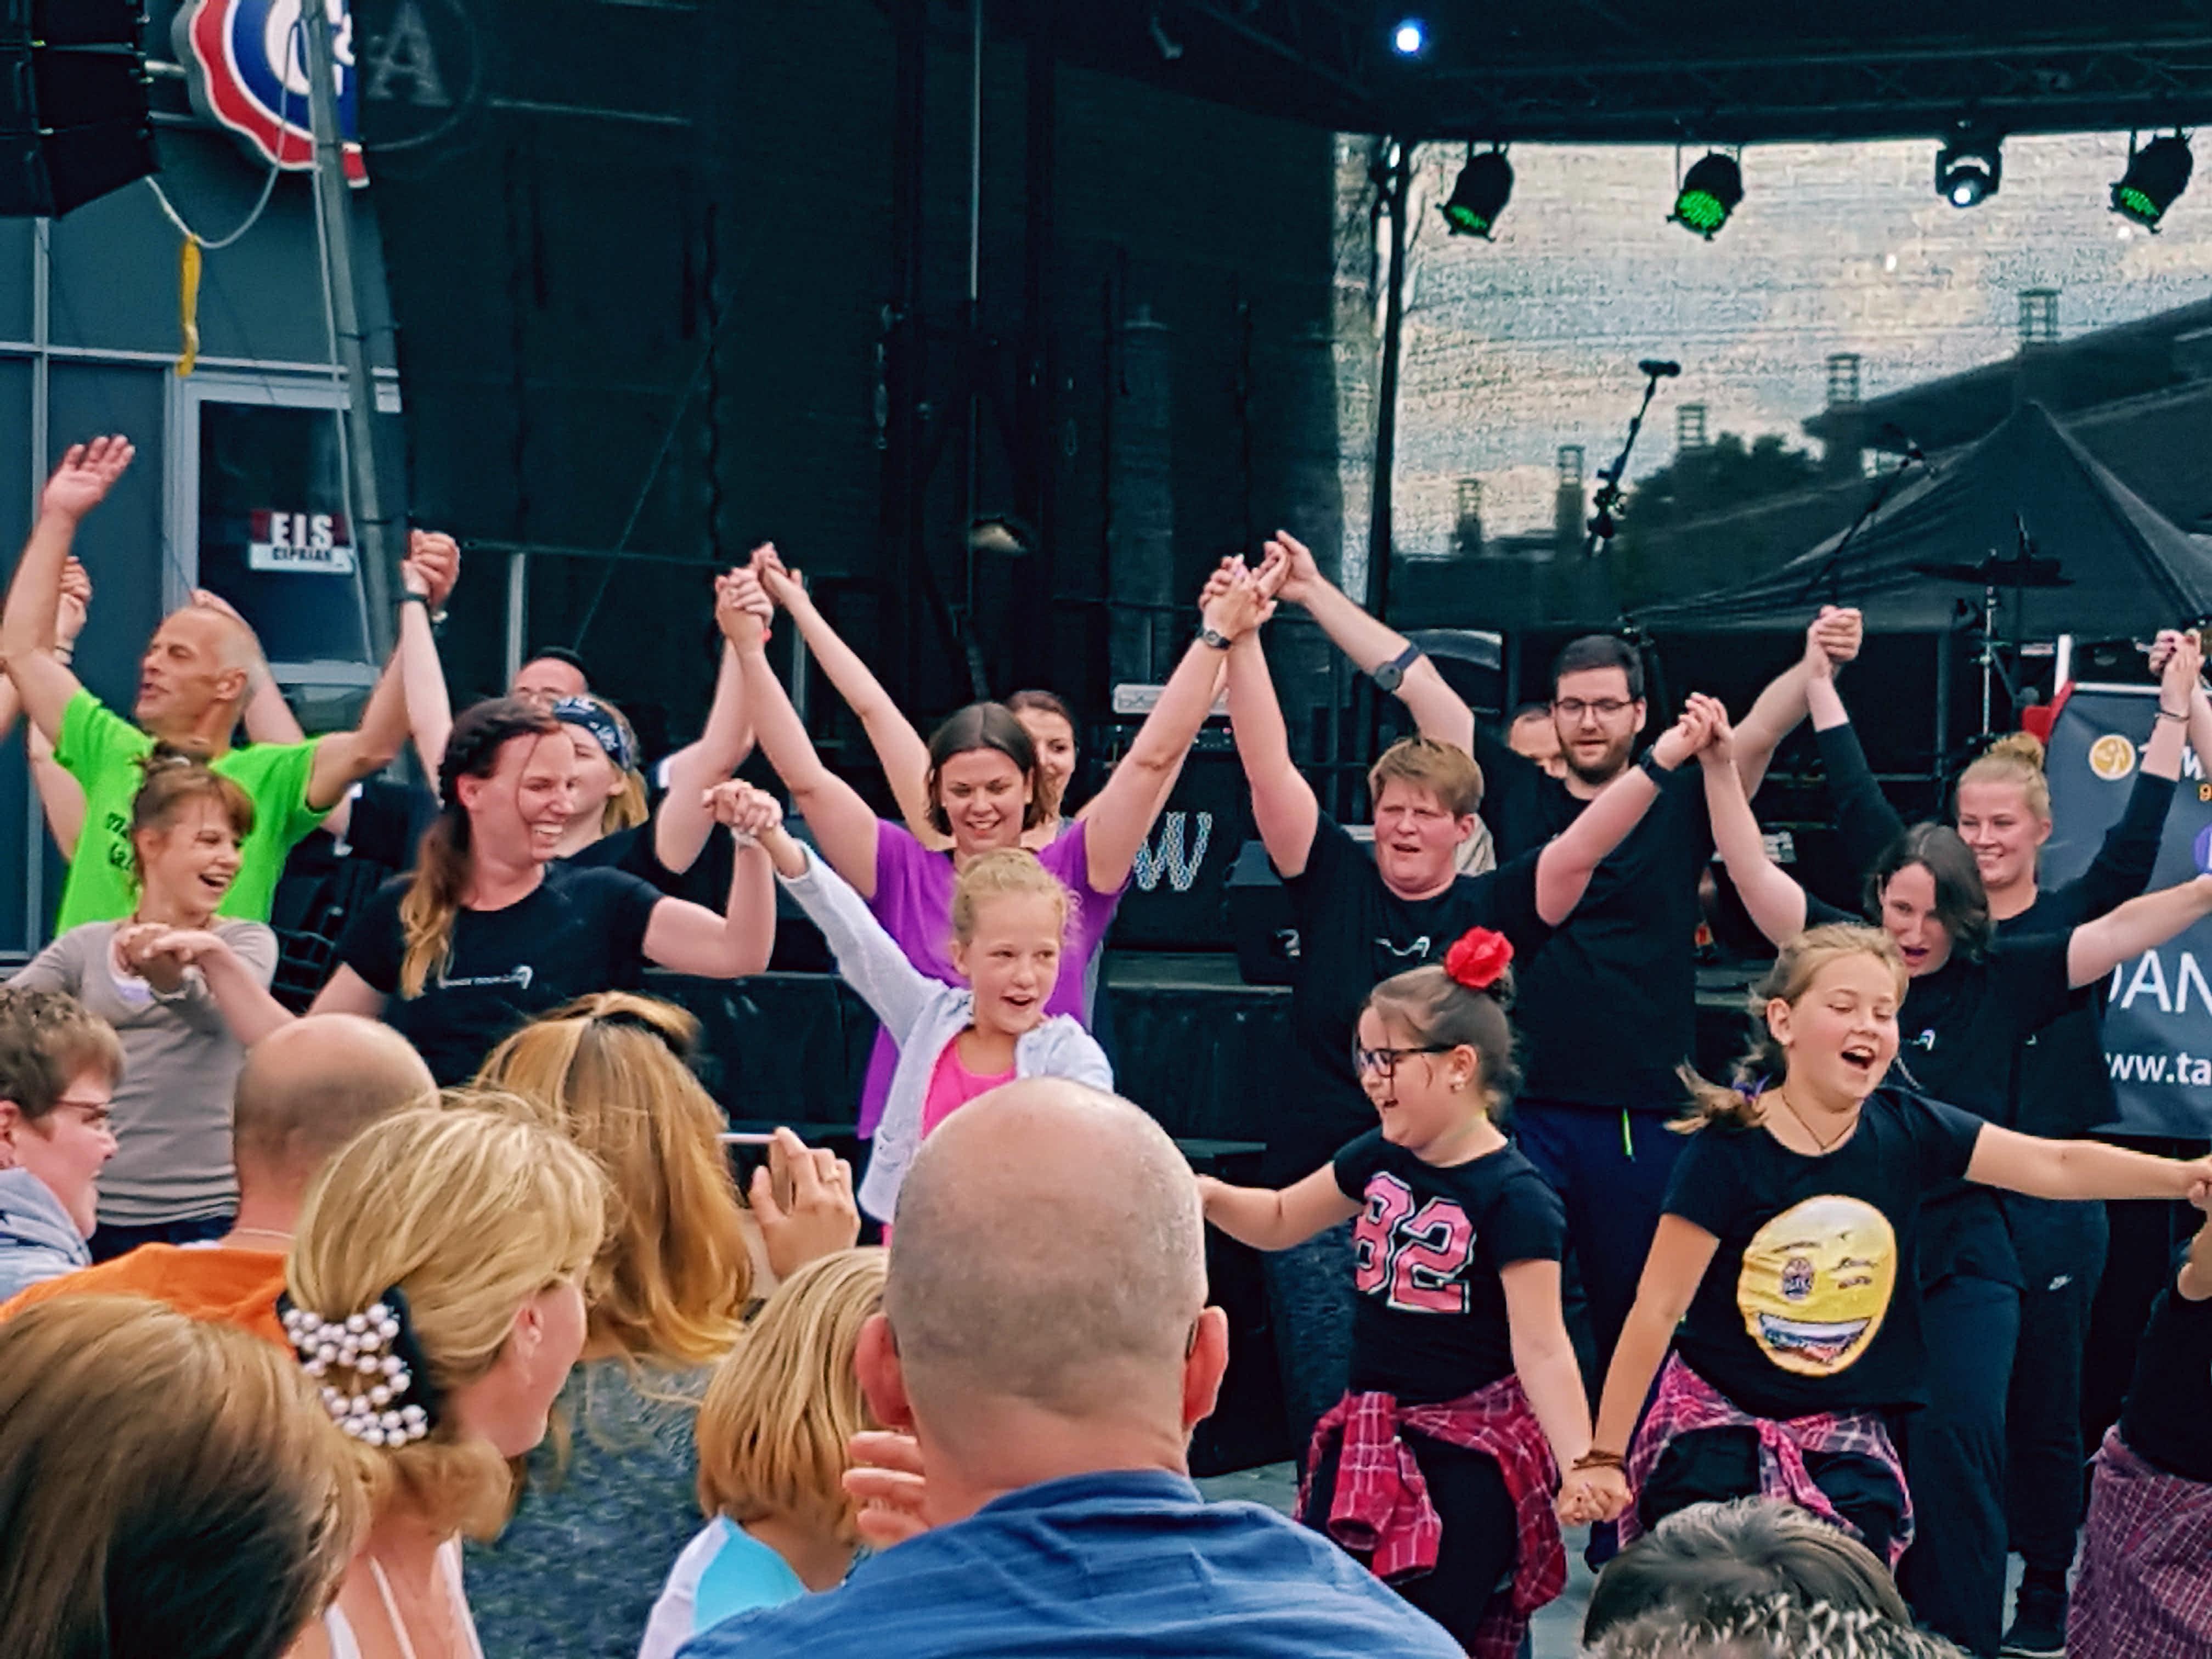 Bergedorf, Hamburg, Bergedorfer Kindertag, Veranstaltung, Kinder, Groß und Klein, Jung und alt, News, Nachrichten, Veranstaltung, Attraktionen, Regionale Tipps